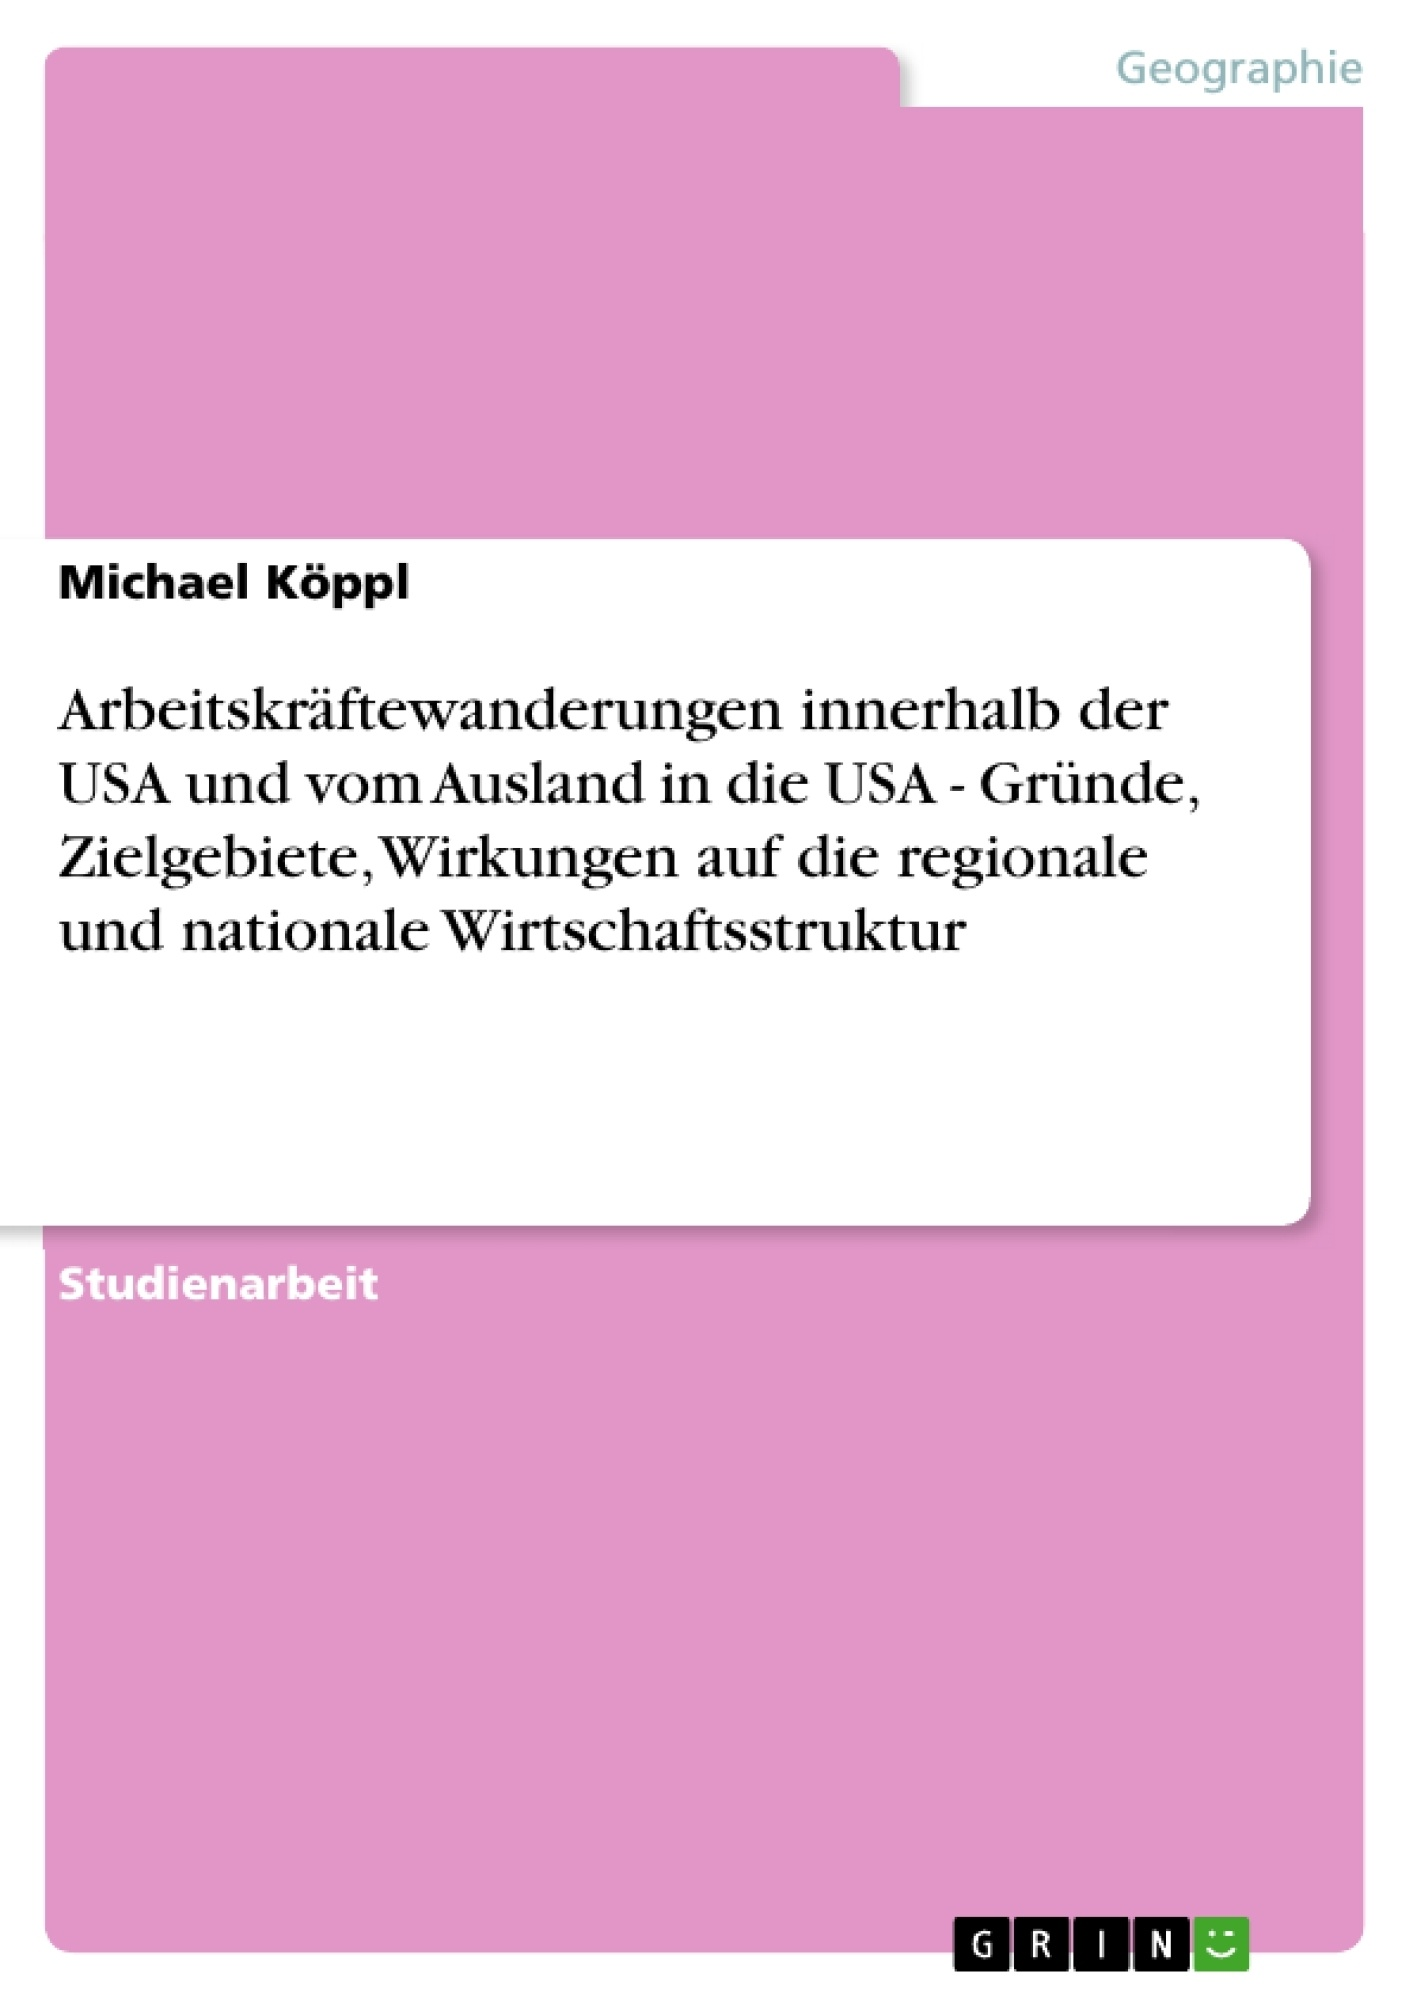 Titel: Arbeitskräftewanderungen innerhalb der USA und vom Ausland in die USA - Gründe, Zielgebiete, Wirkungen auf die regionale und nationale Wirtschaftsstruktur